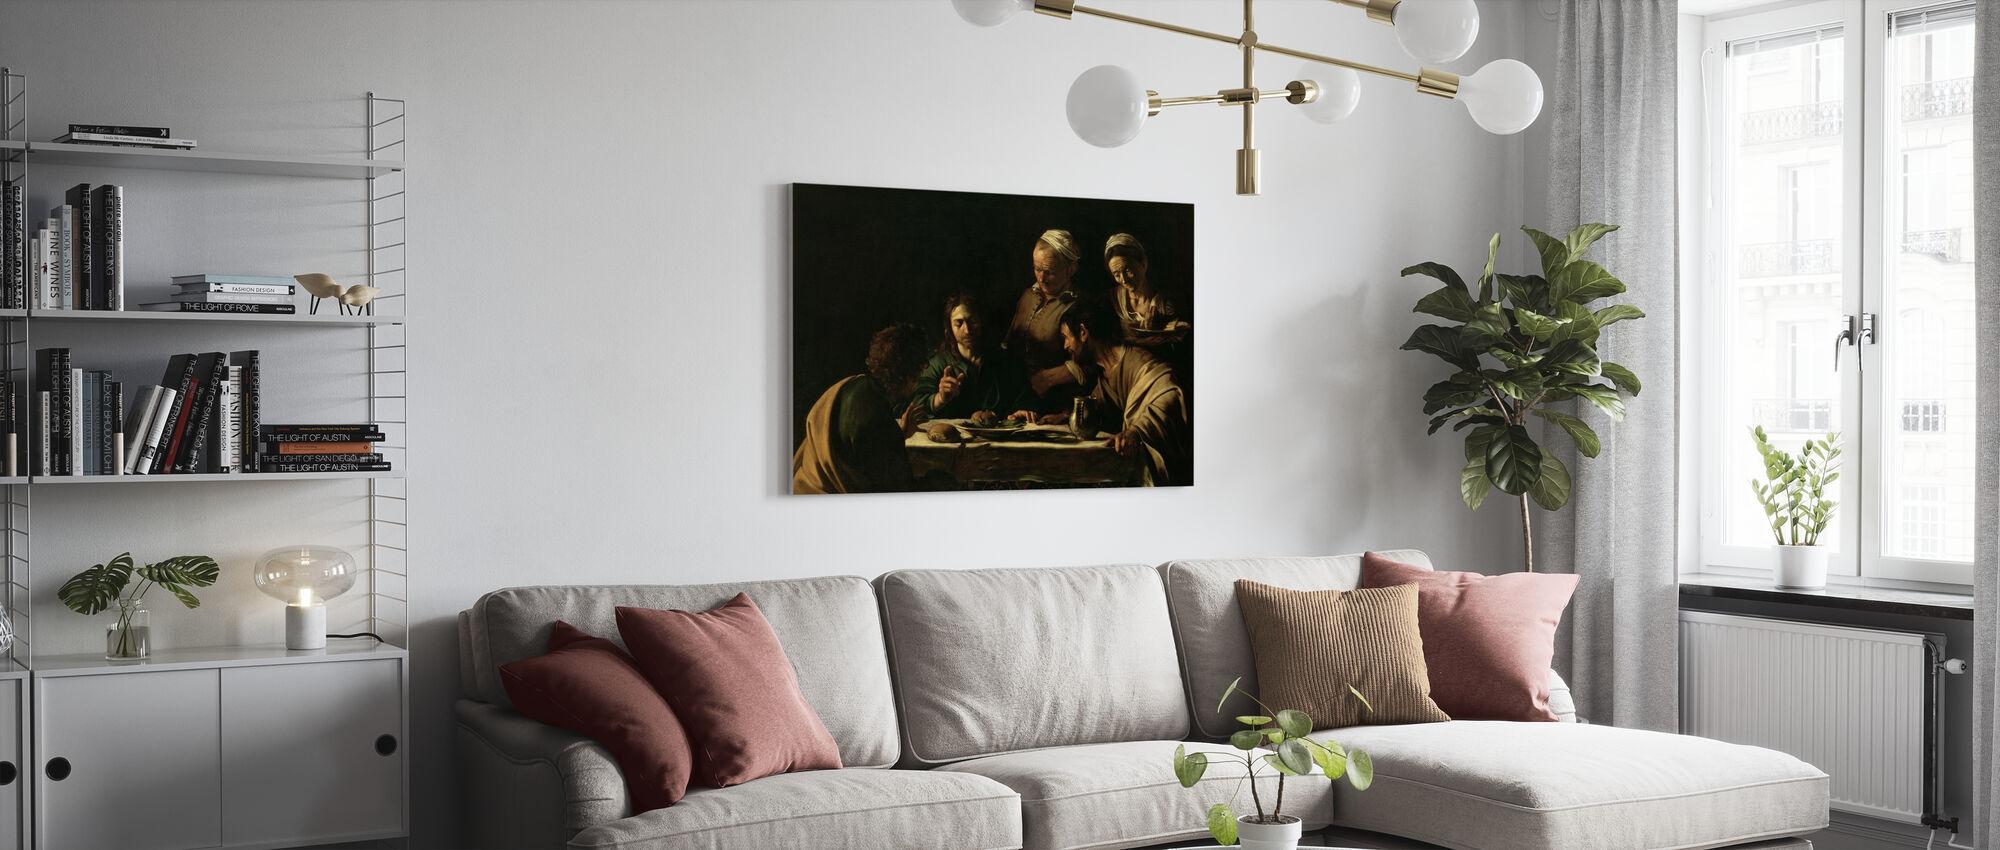 Cène à Emmaüs - Michel-Ange Caravaggio - Impression sur toile - Salle à manger